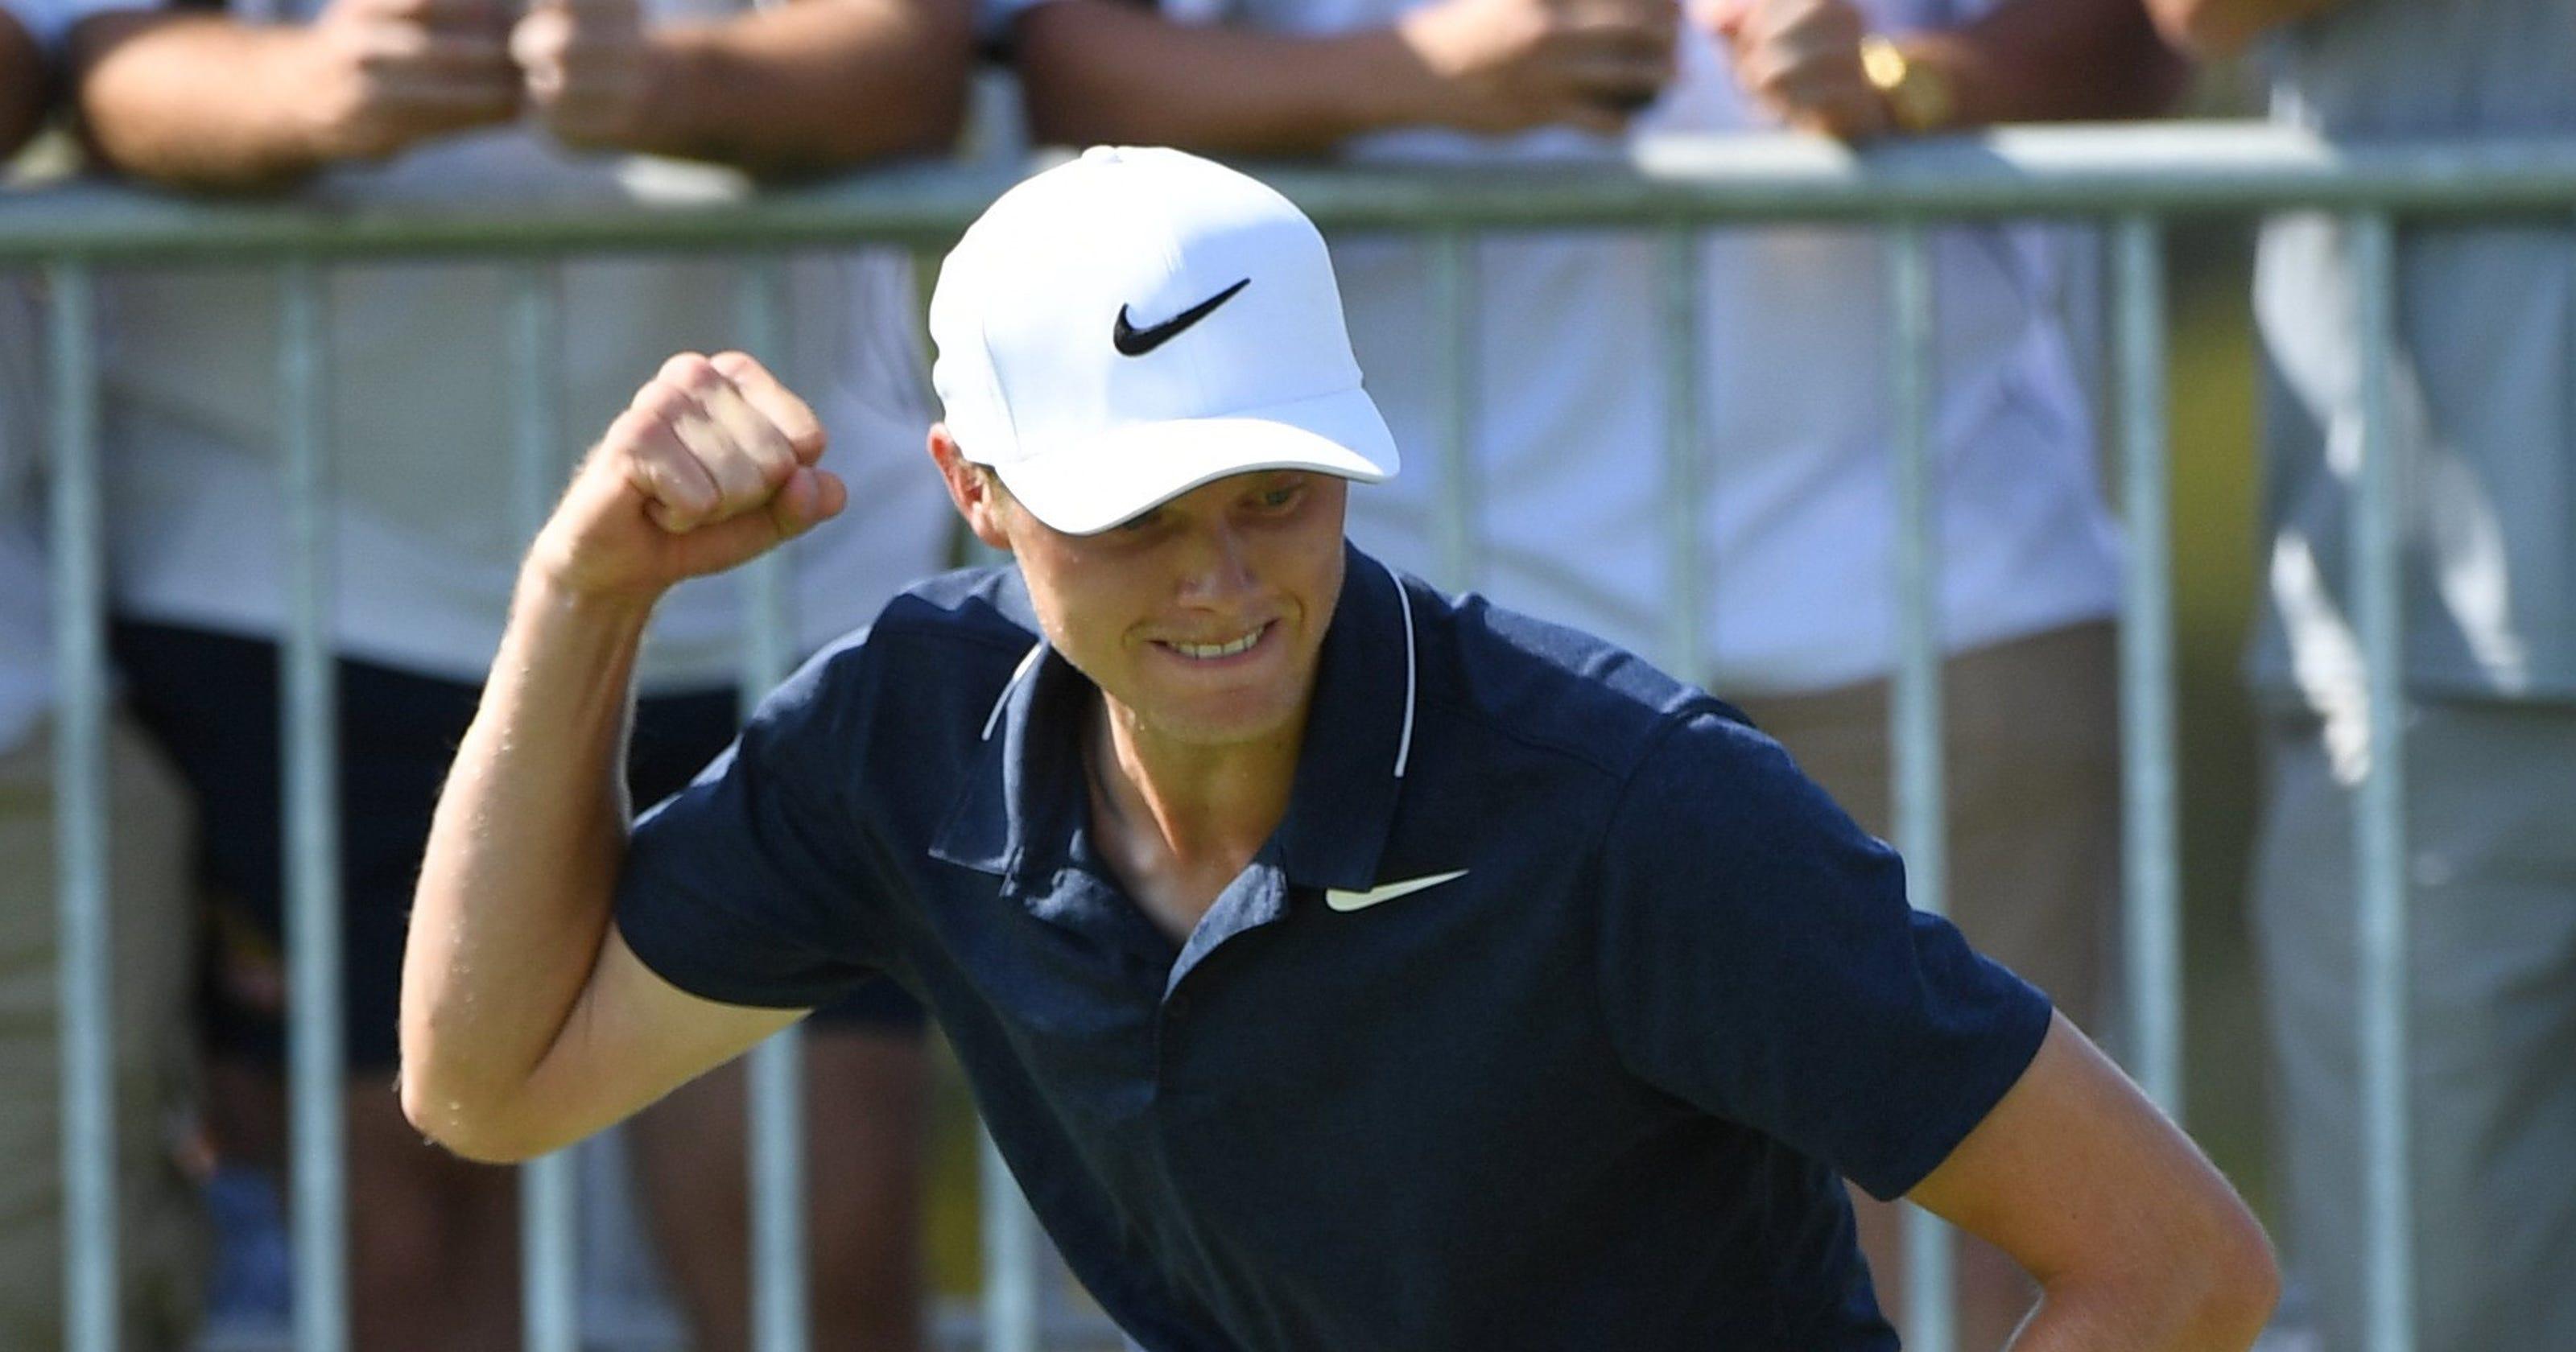 Cameron Davis wins Australian Open by 1 stroke